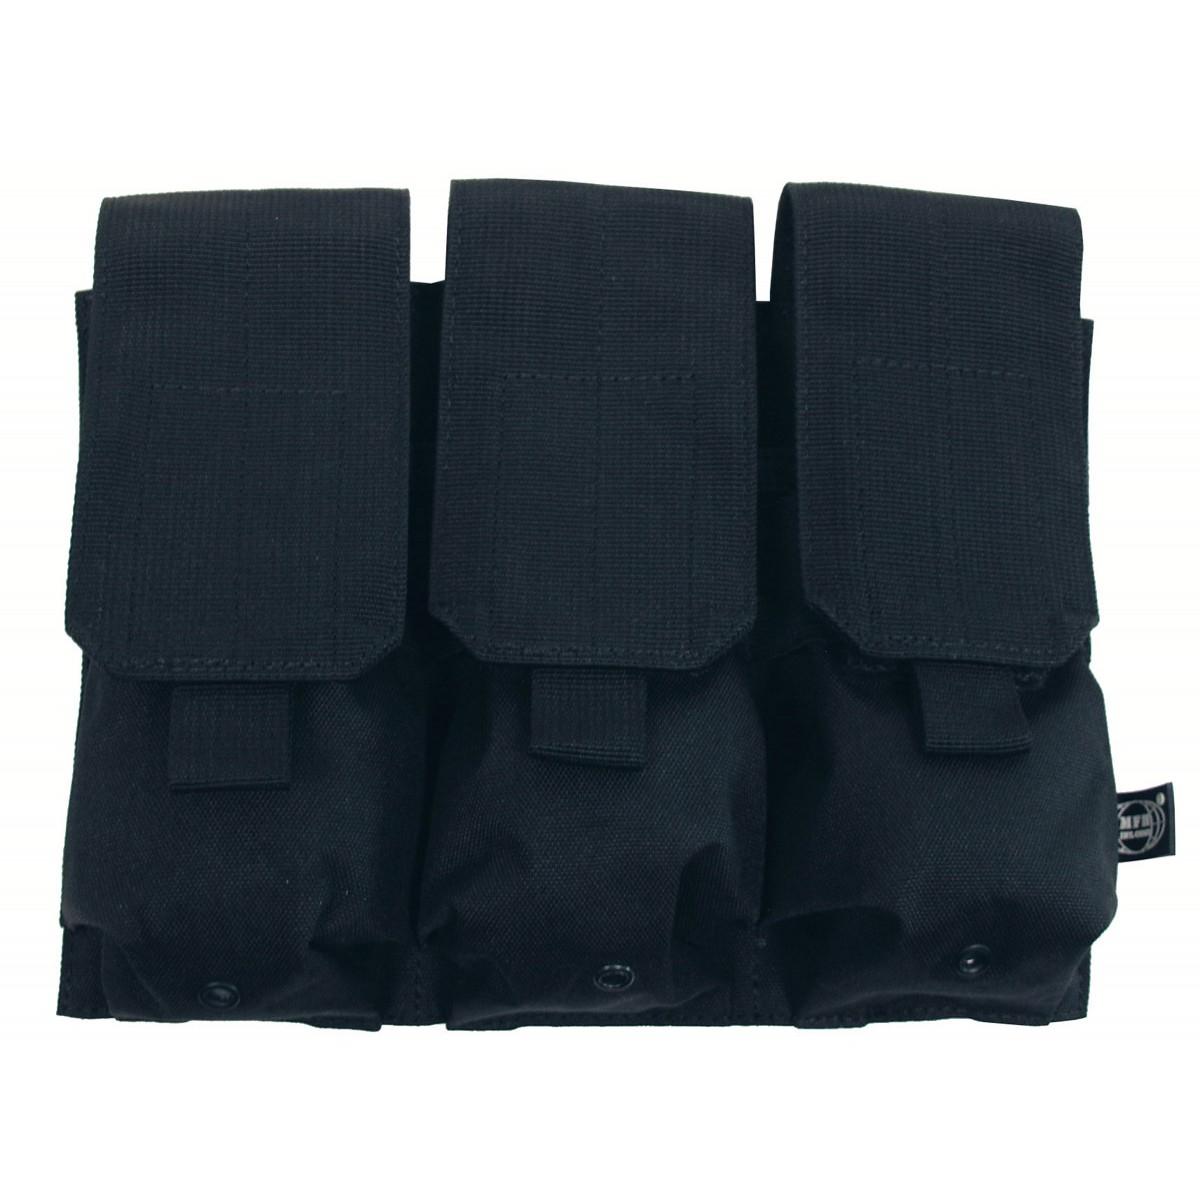 Kapsa na 3 zásobníky Molle - černá